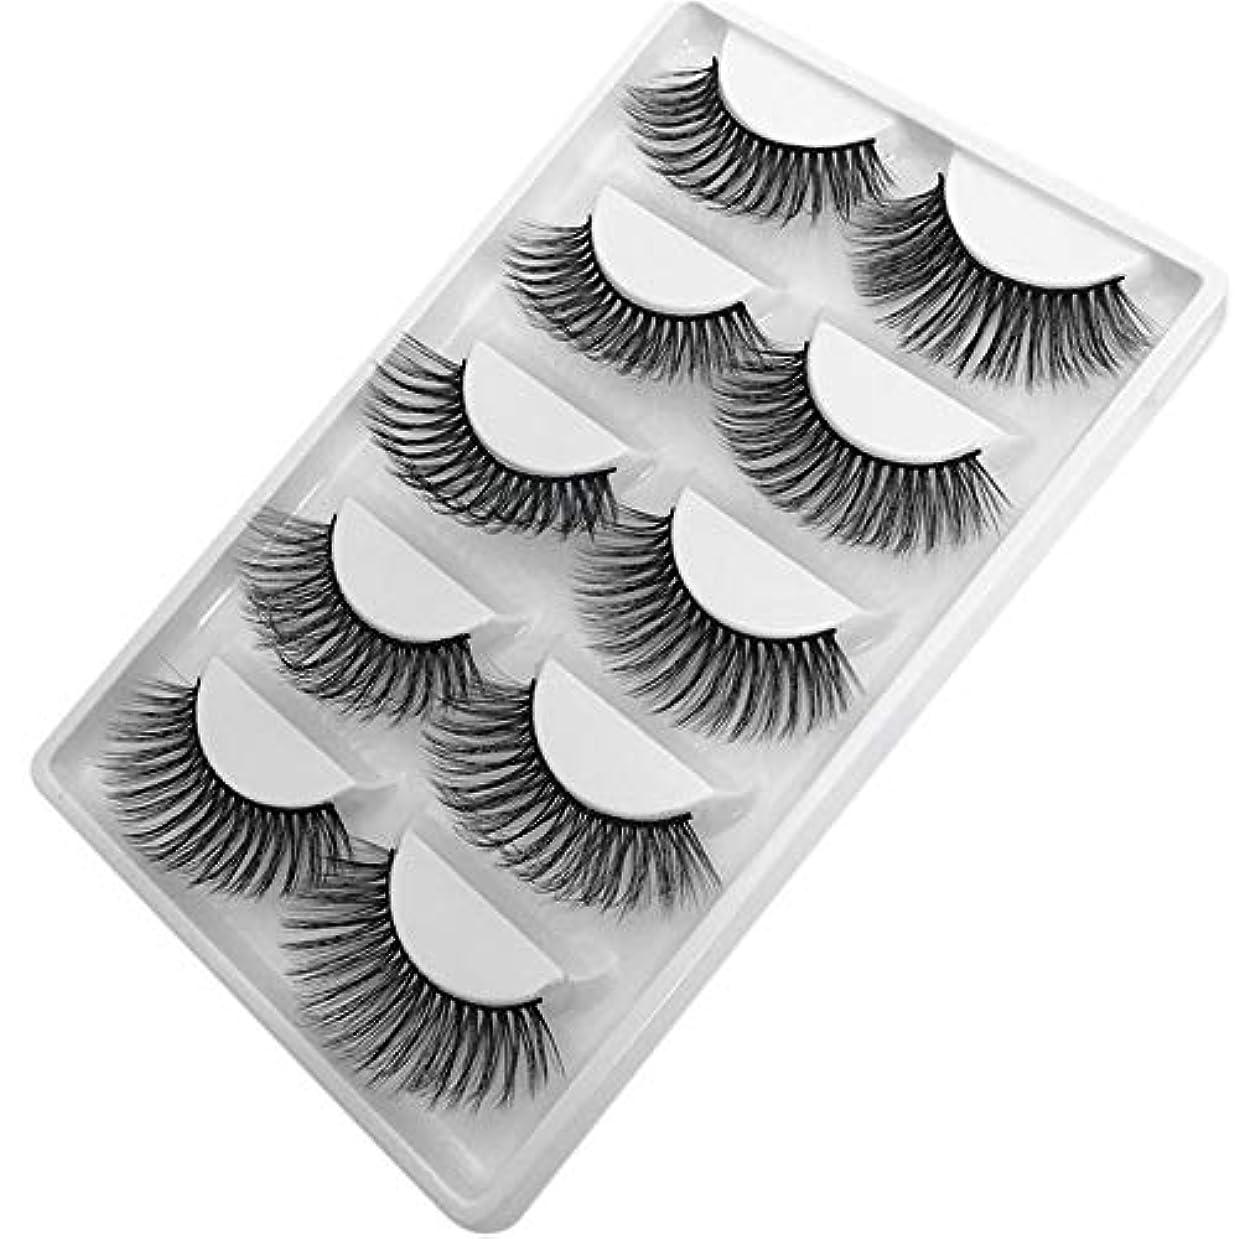 急性力ミリメートルFeteso 5組 まつげセット 偽の3Dつけまつげ 魅力的手作り 超極細素材 人気 ナチュラル 飾り 再利用可能 濃密 超濃密 自然セット やわらかい Eyelashes 高品質